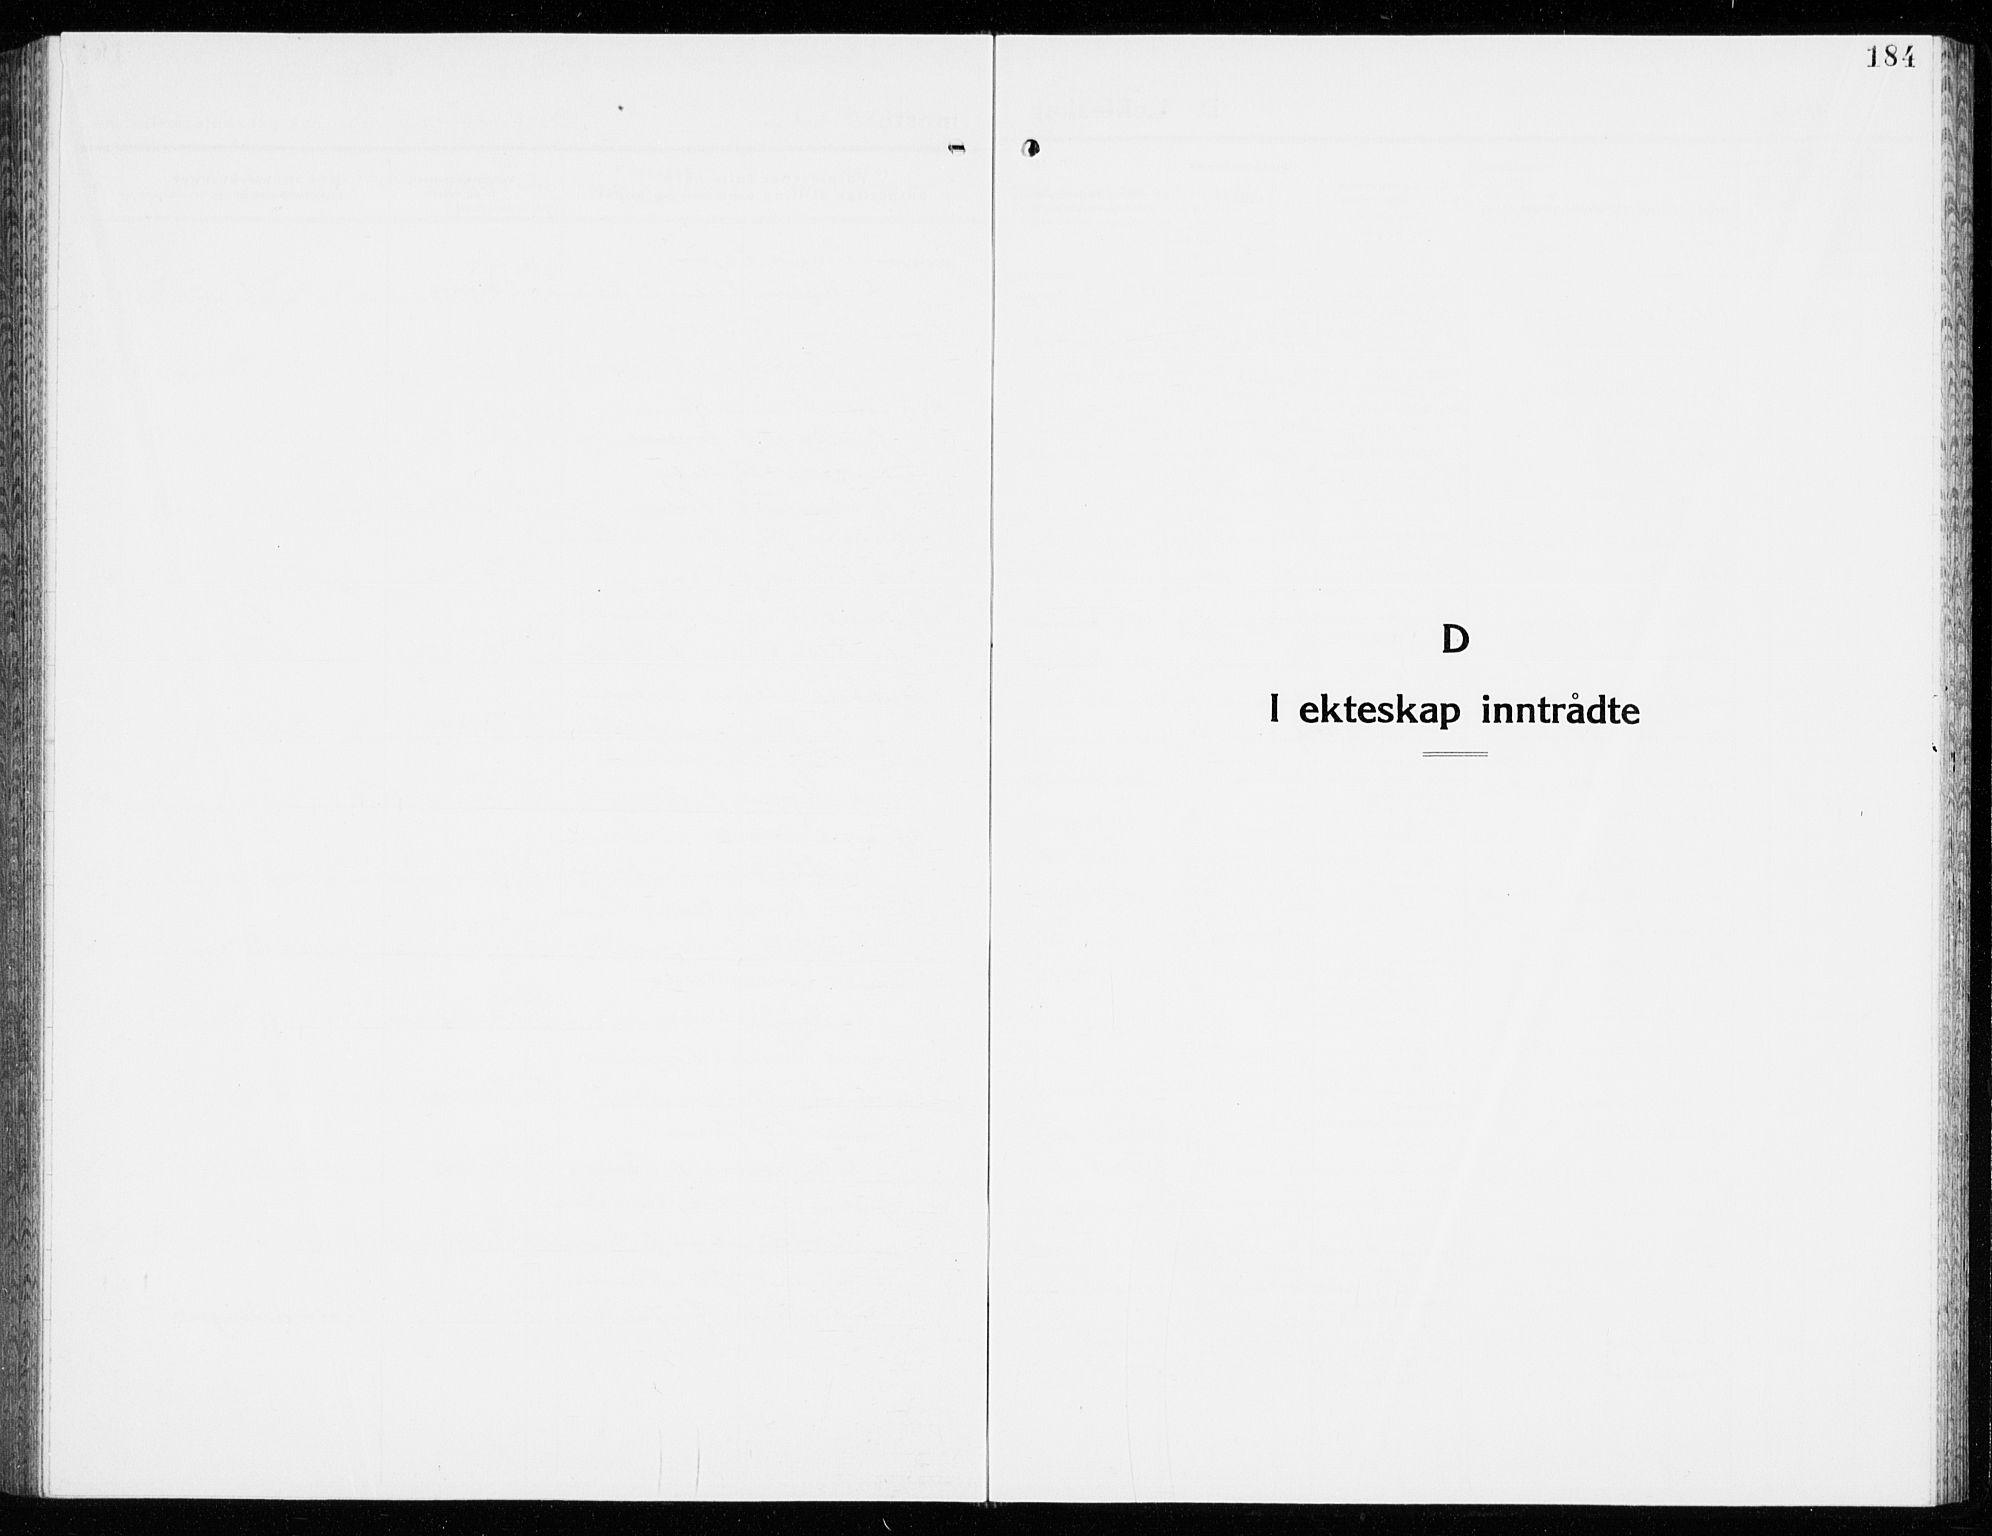 SAKO, Eidanger kirkebøker, G/Ga/L0005: Klokkerbok nr. 5, 1928-1942, s. 184